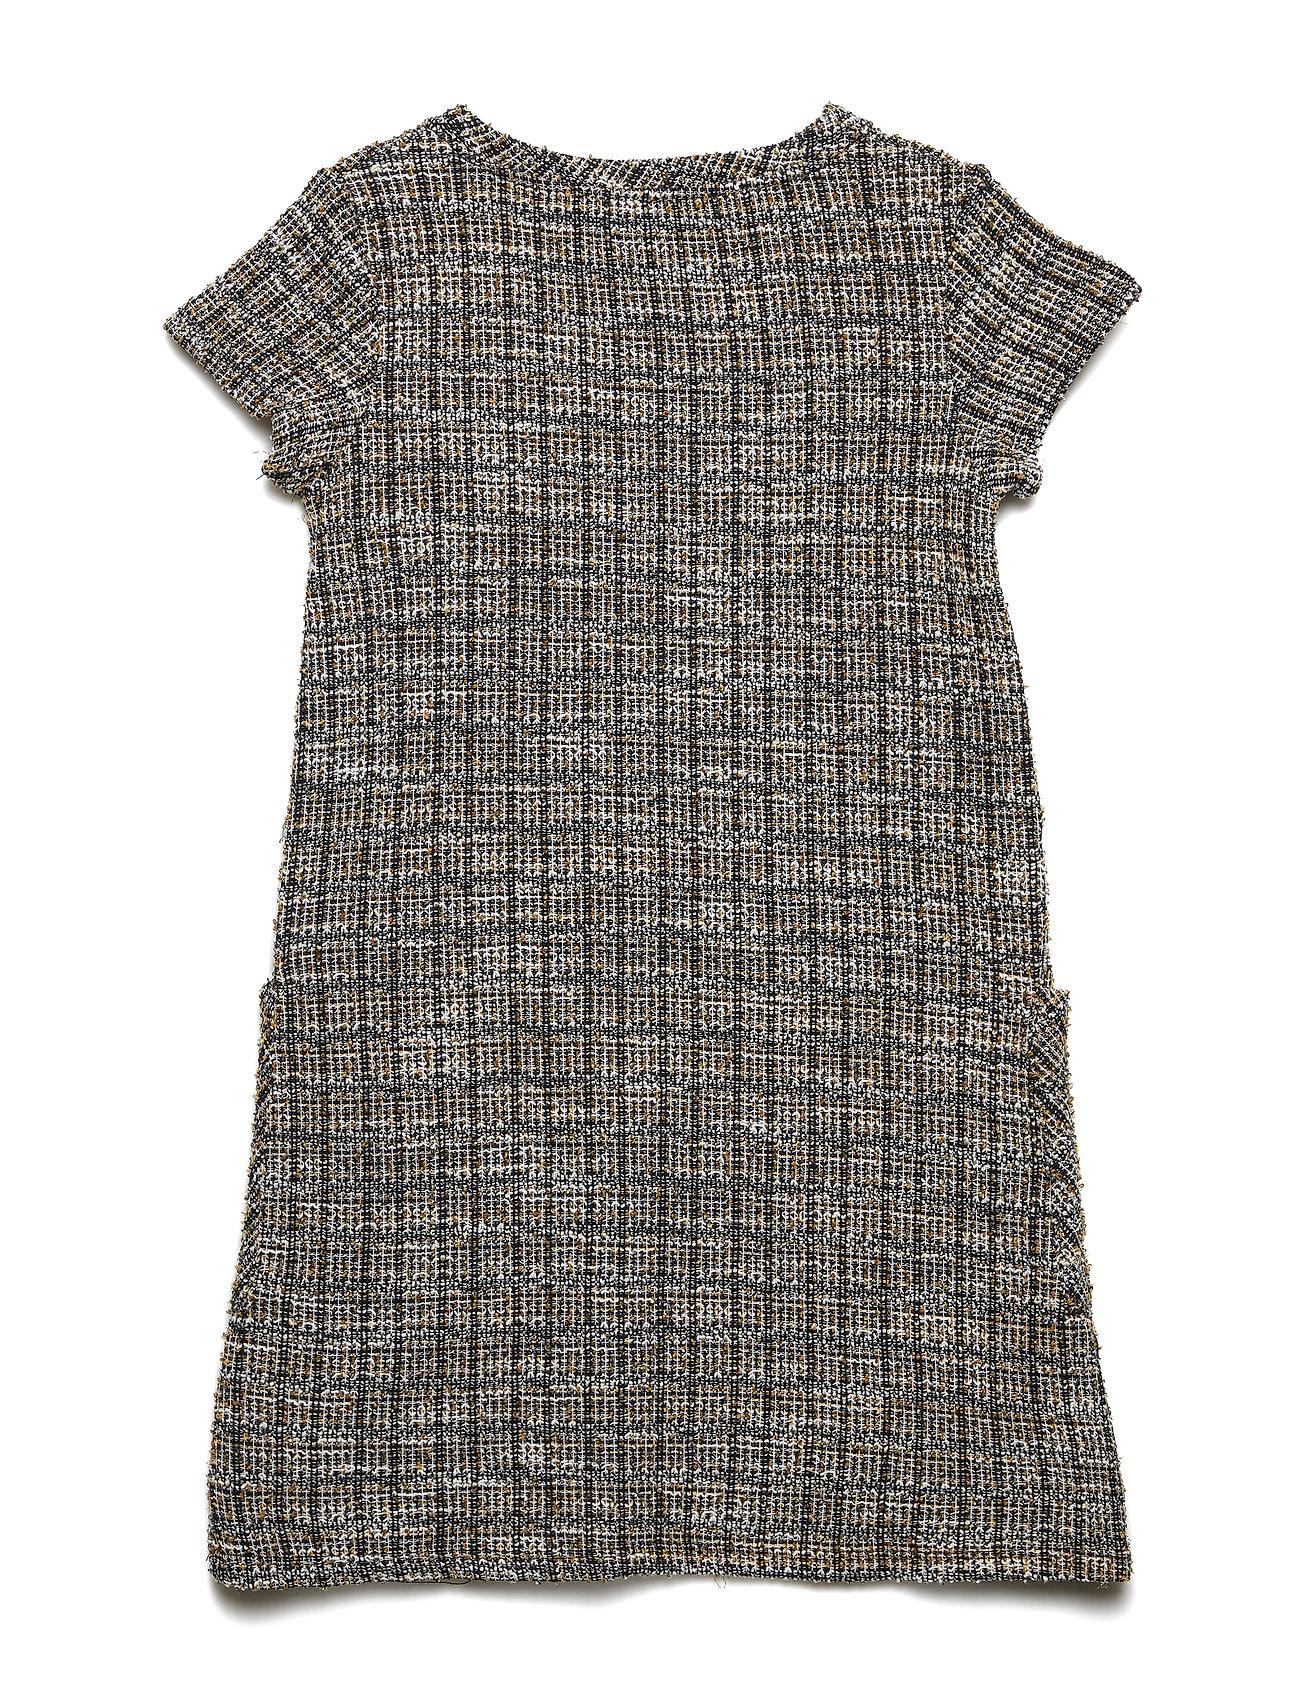 2548232169a7 Sort Mango Tweed Dress kjoler for børn - Pashion.dk